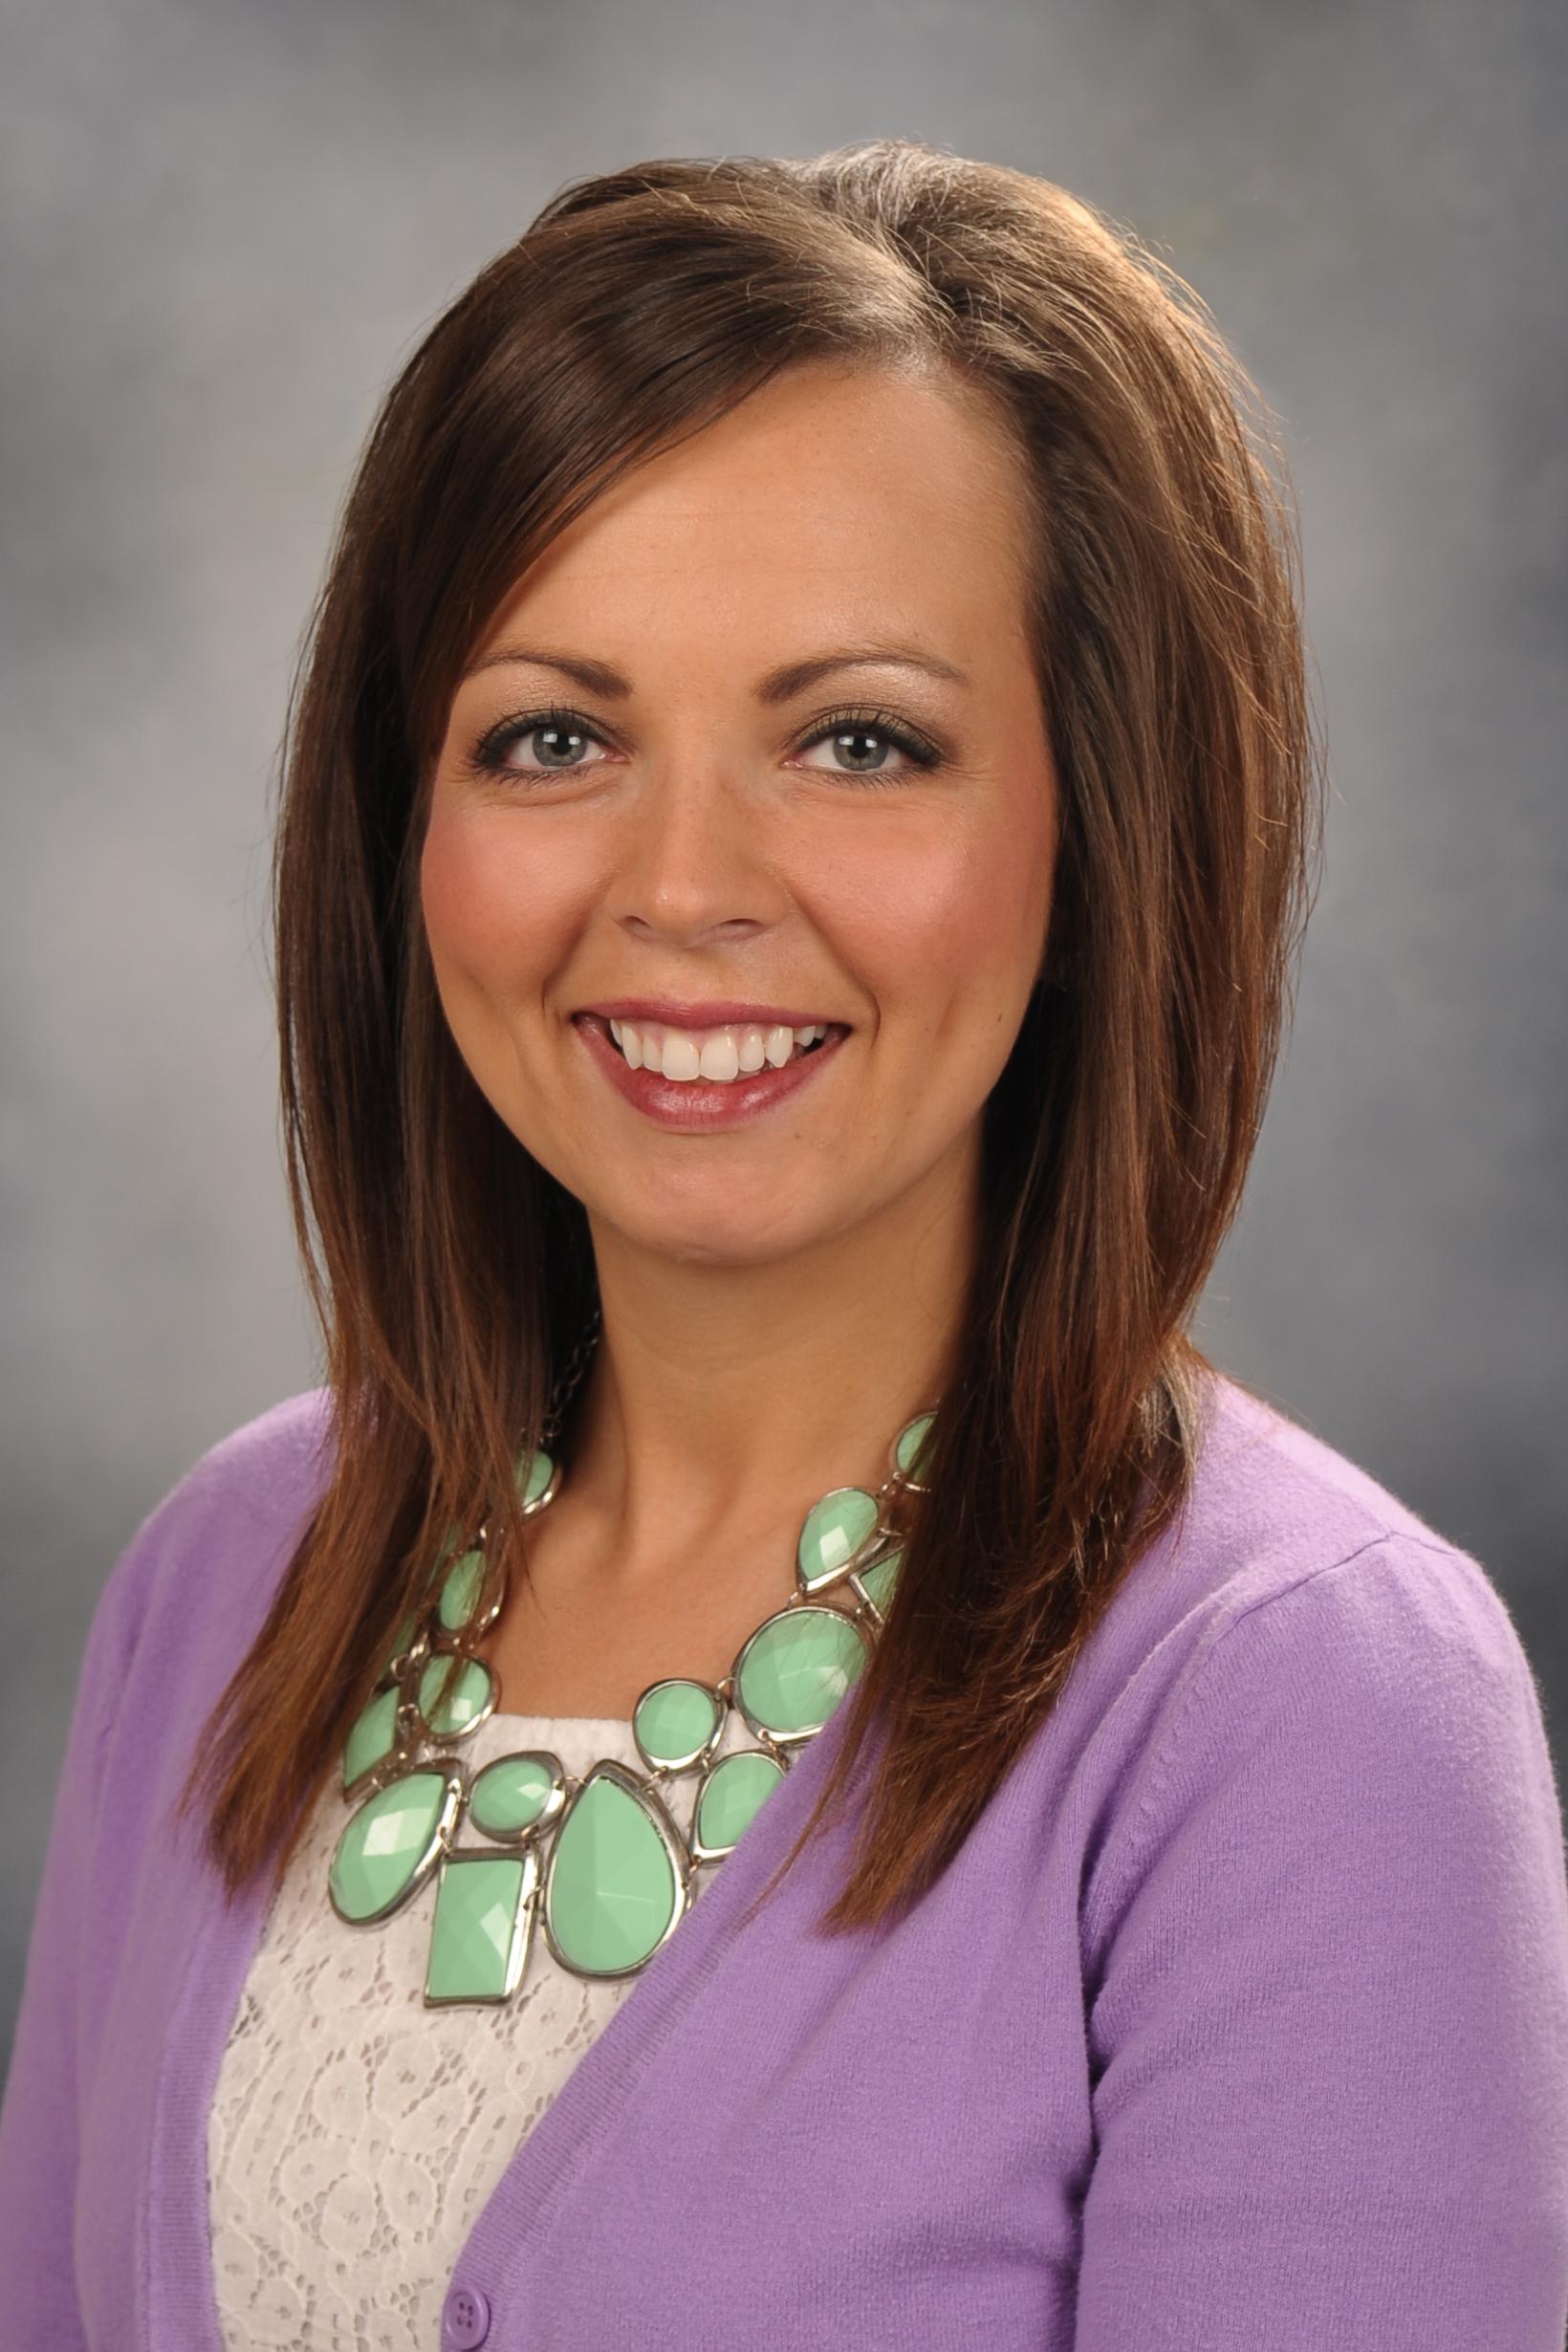 Katie Net Worth